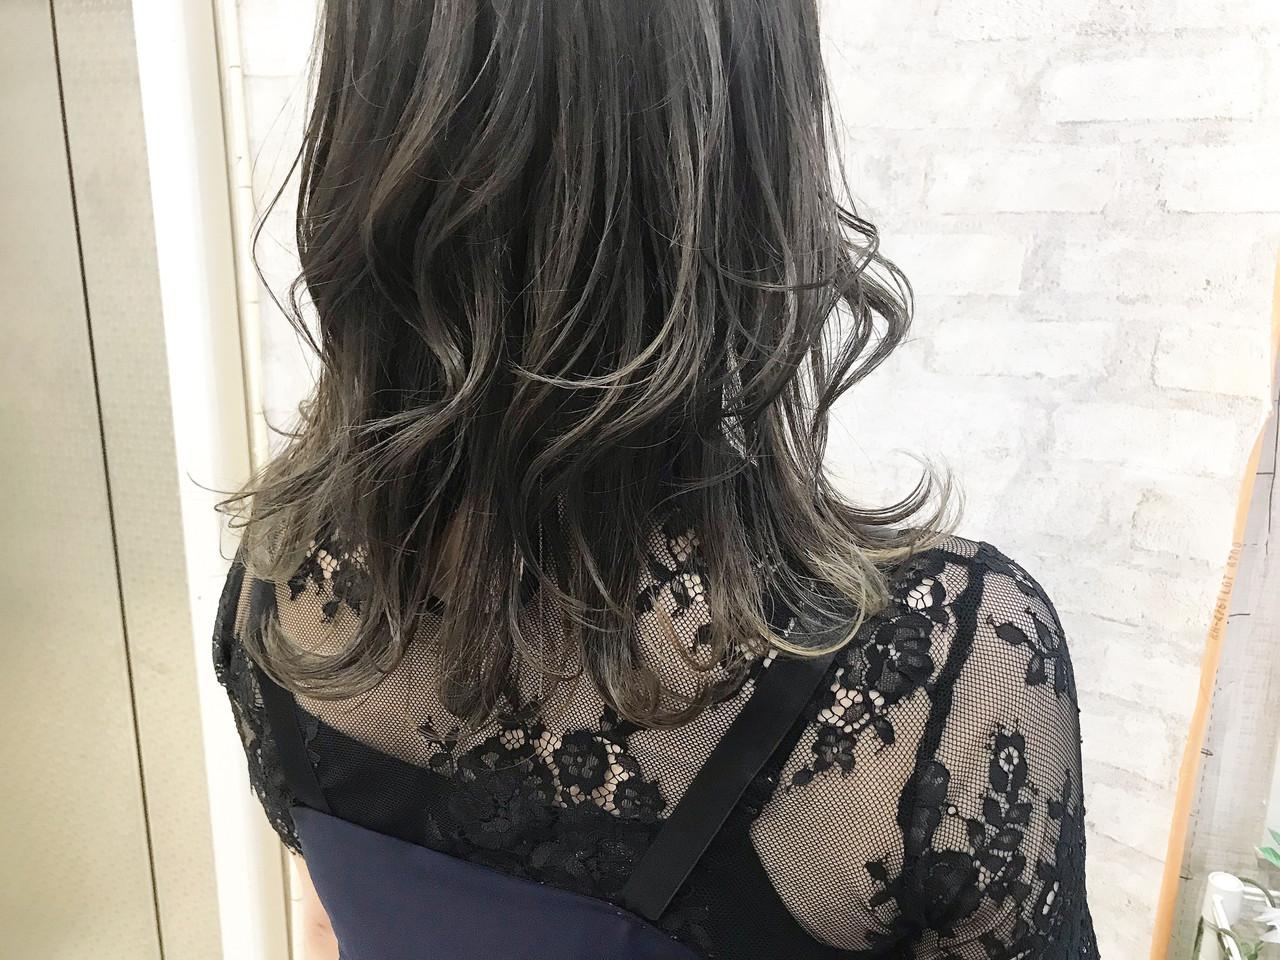 ハイライト 極細ハイライト ガーリー 大人ハイライト ヘアスタイルや髪型の写真・画像